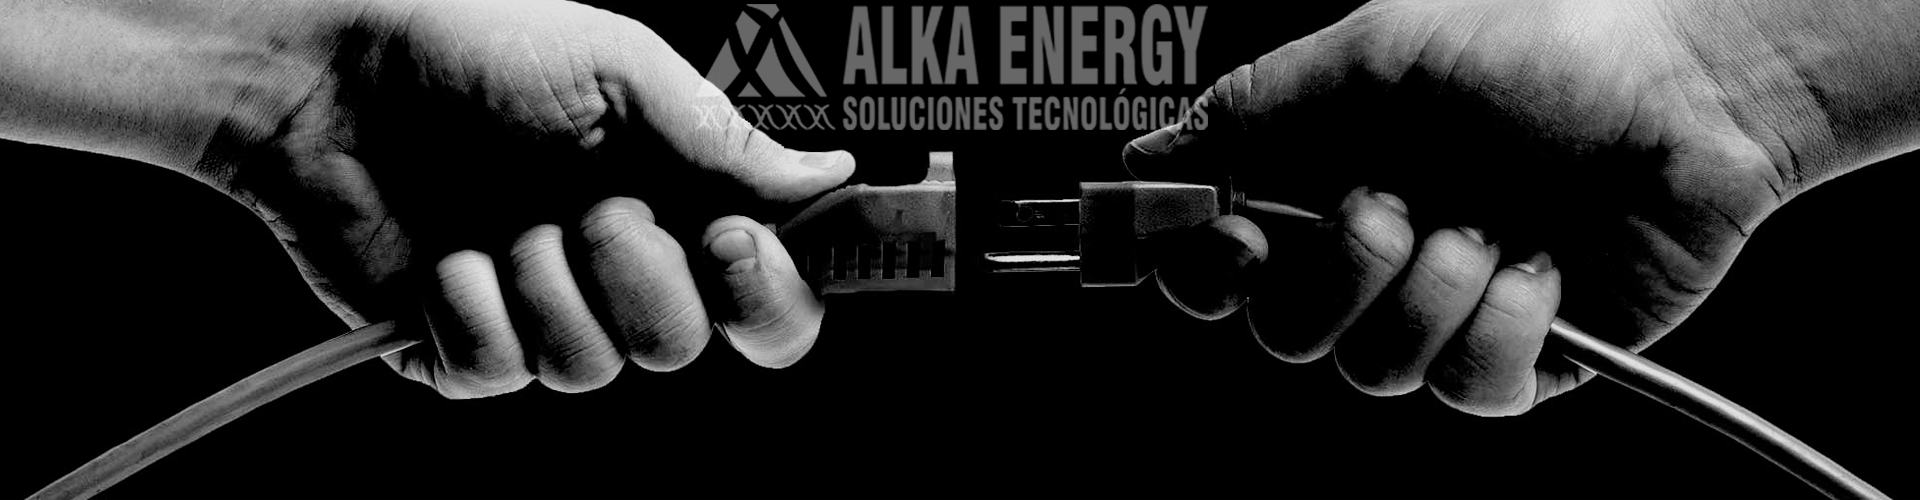 soluciones electricas alka energy lima peru